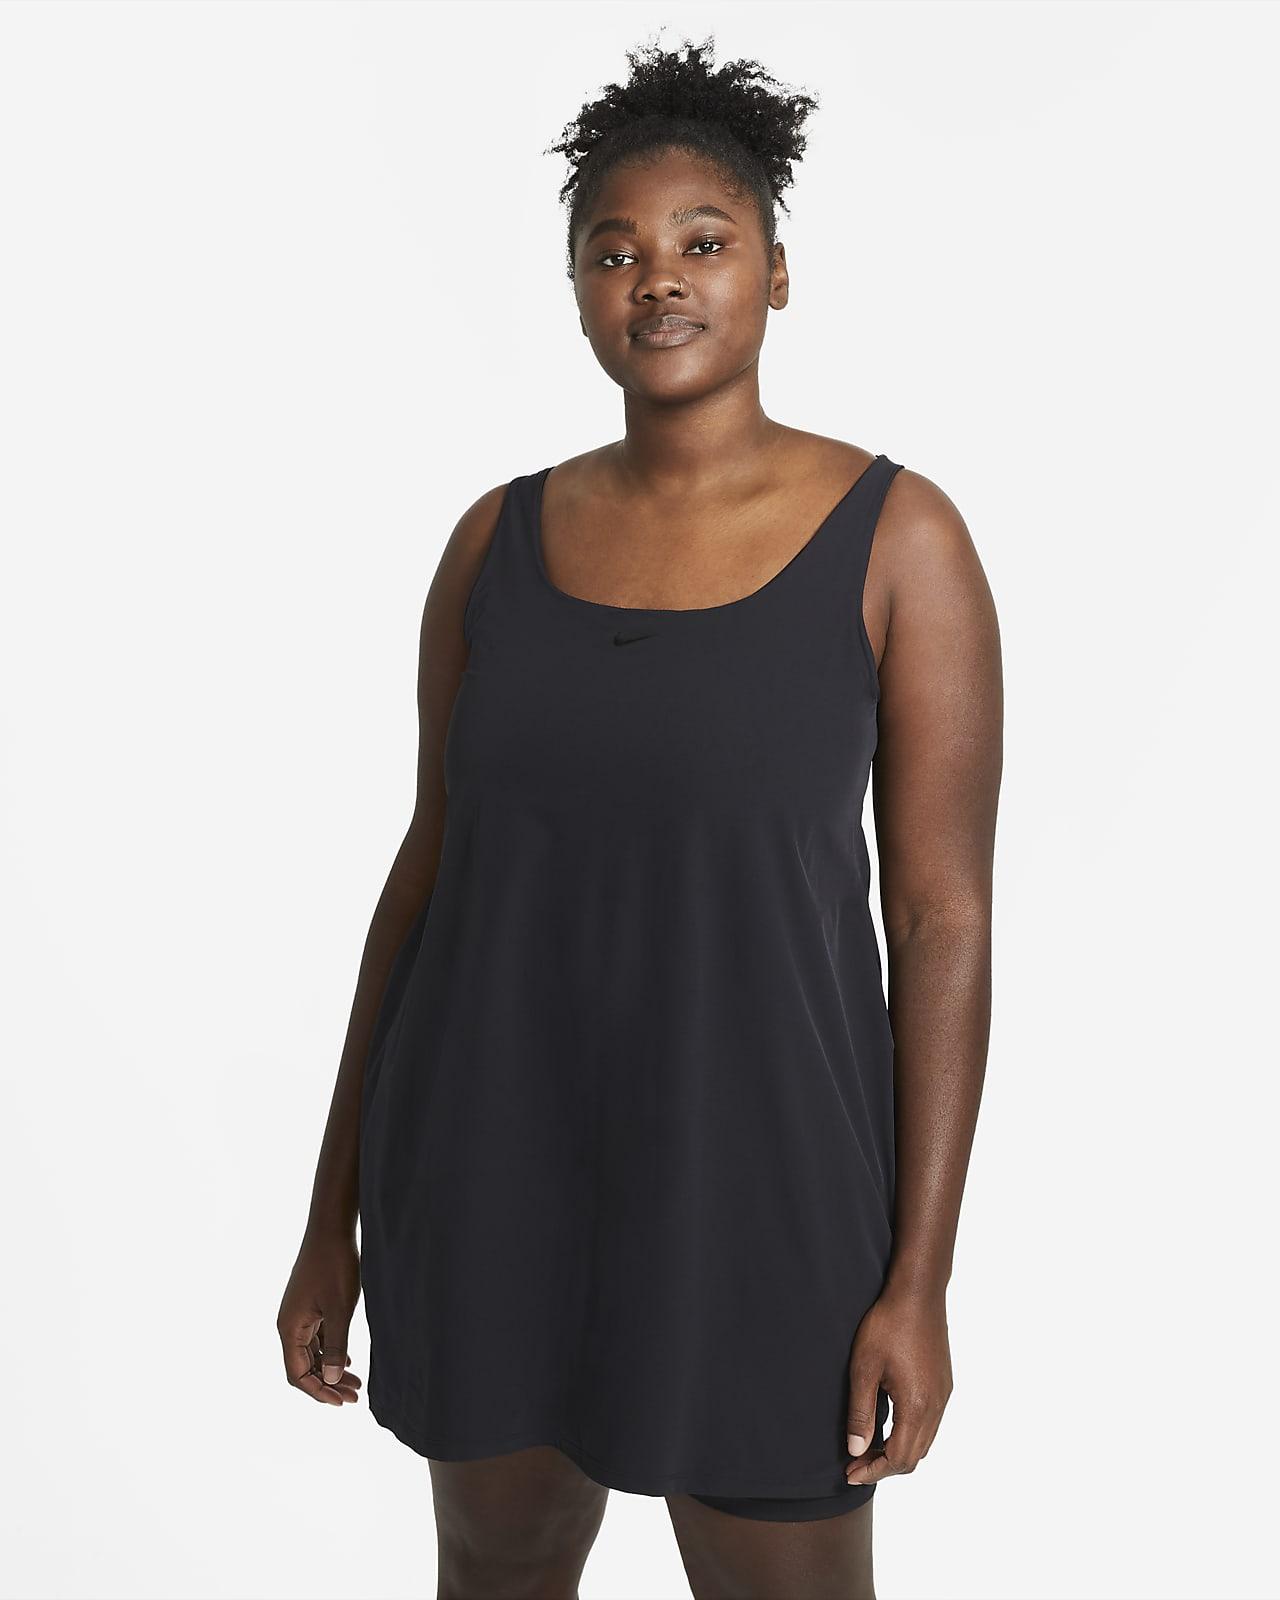 Nike Bliss Luxe Women's Training Dress (Plus Size)